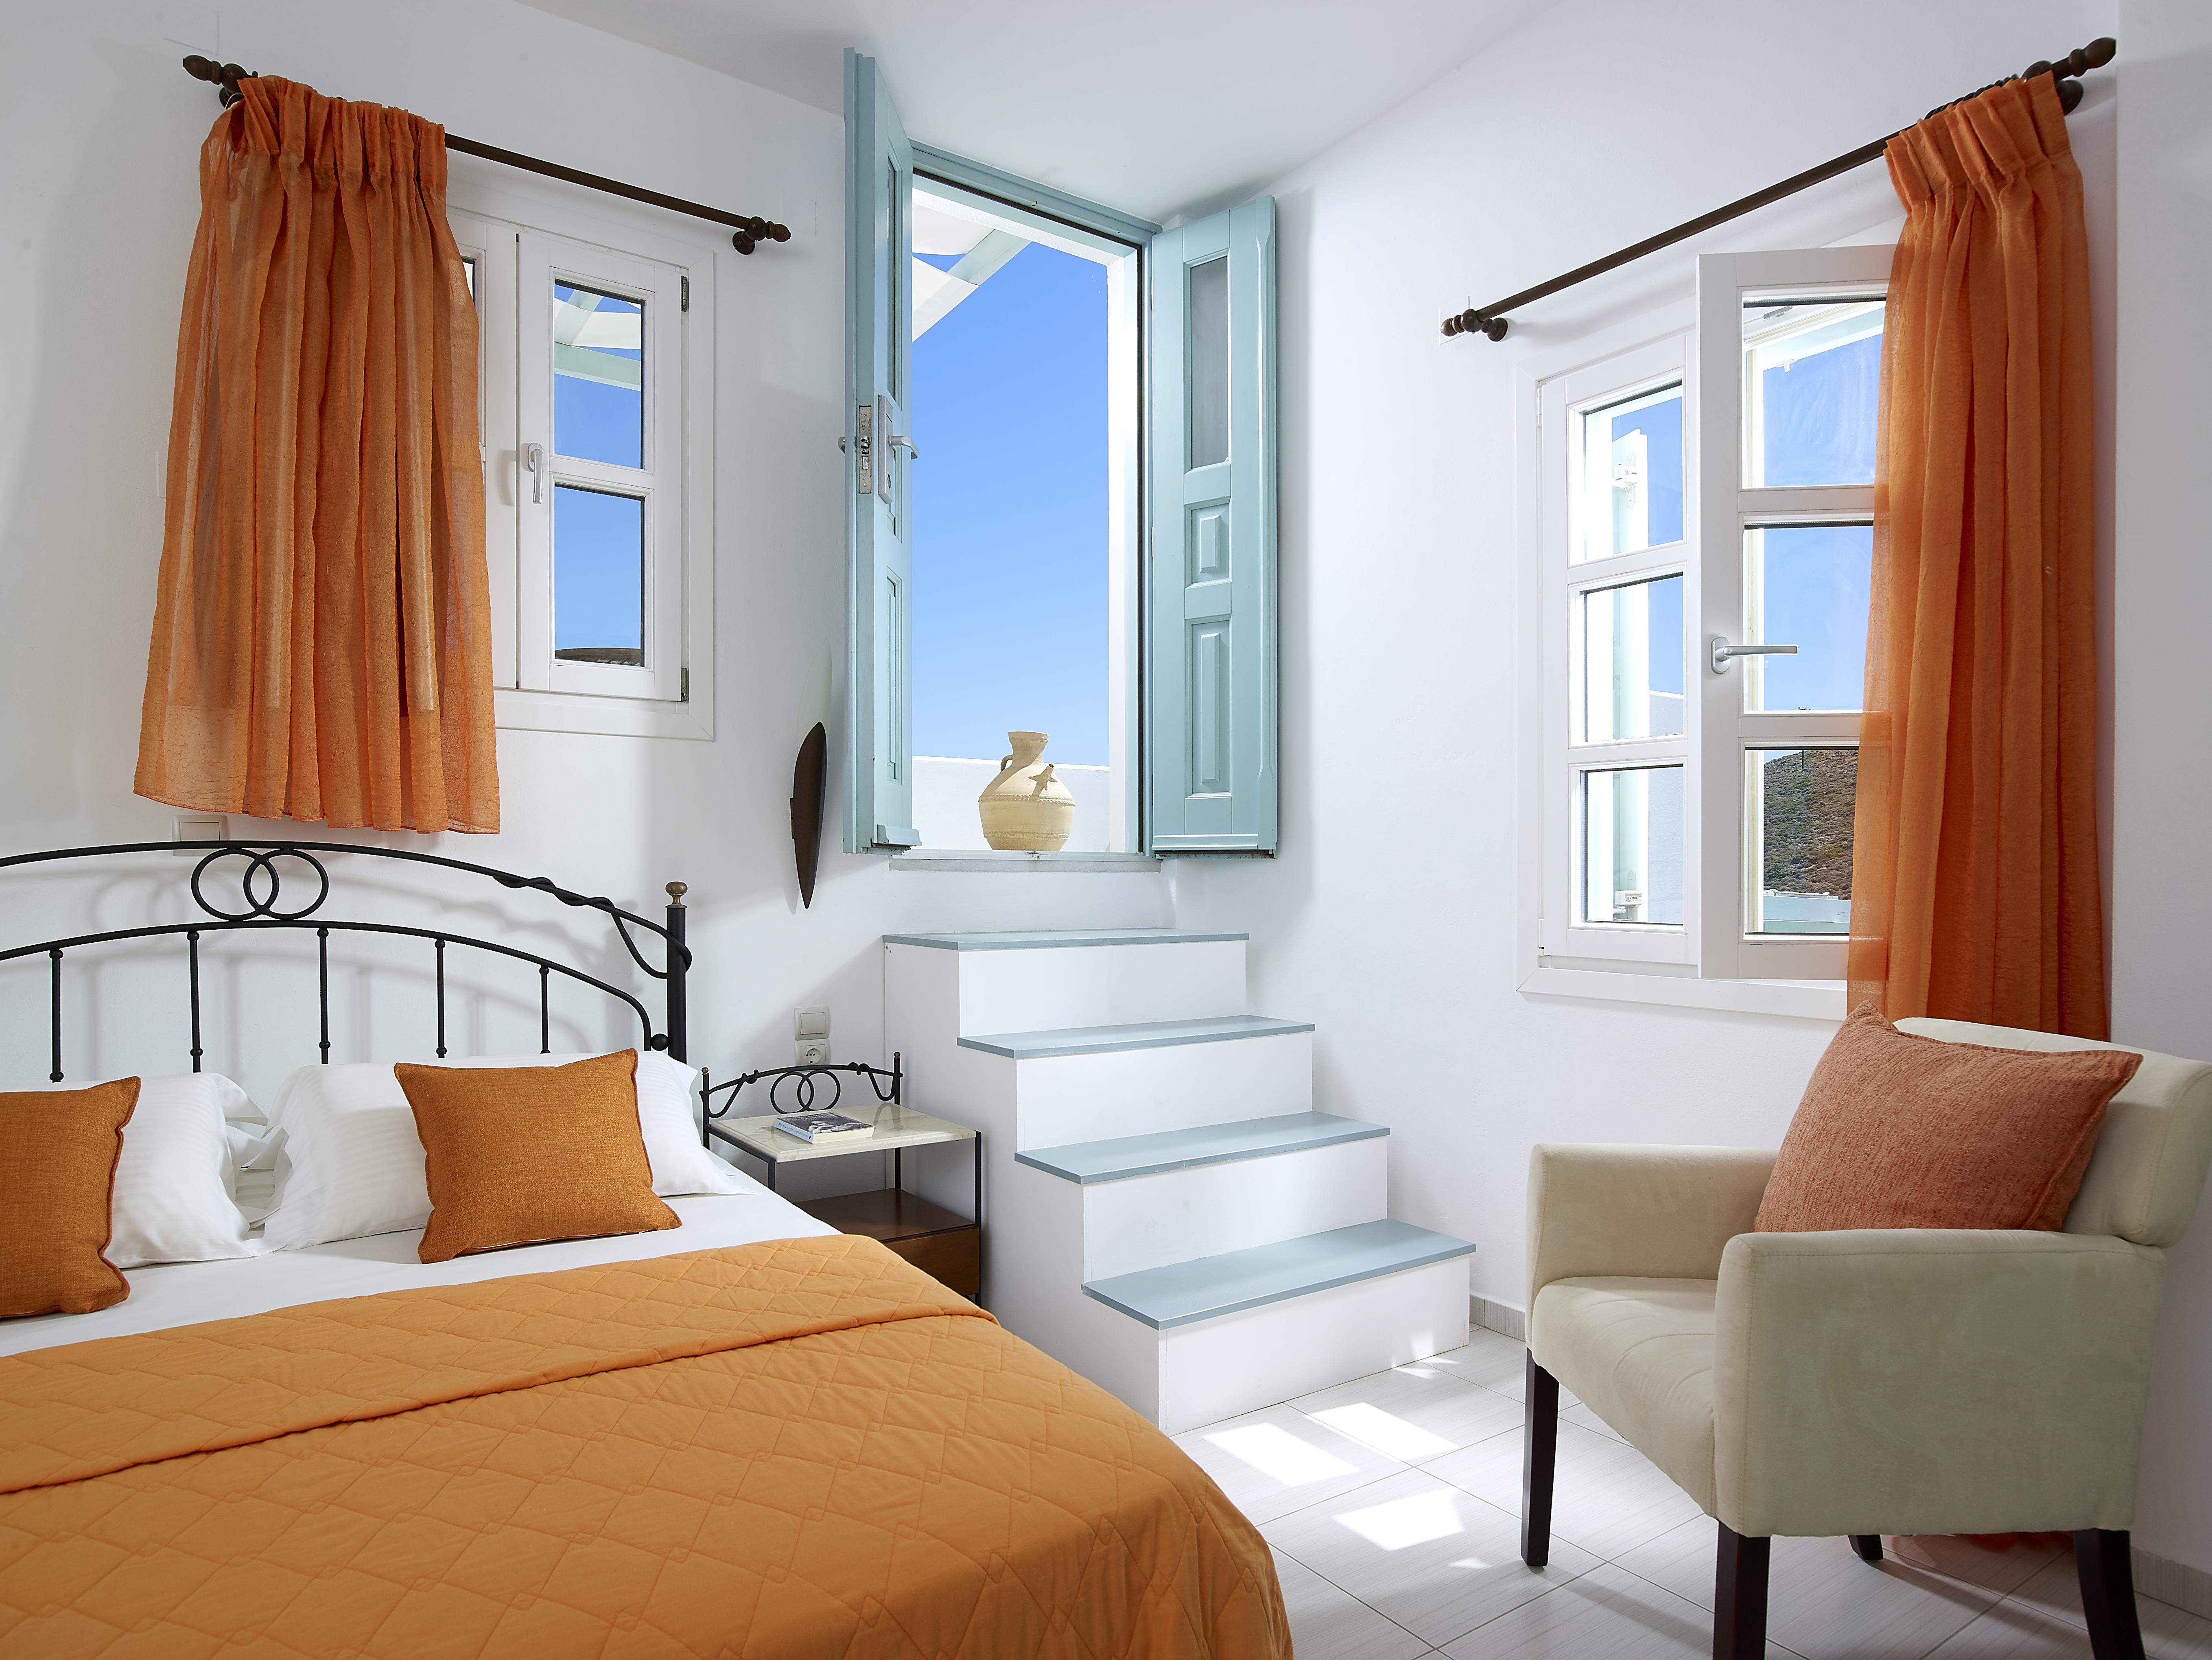 Bedroom twin sea view interior design Asterias Boutique Hotel Milos island Cyclades